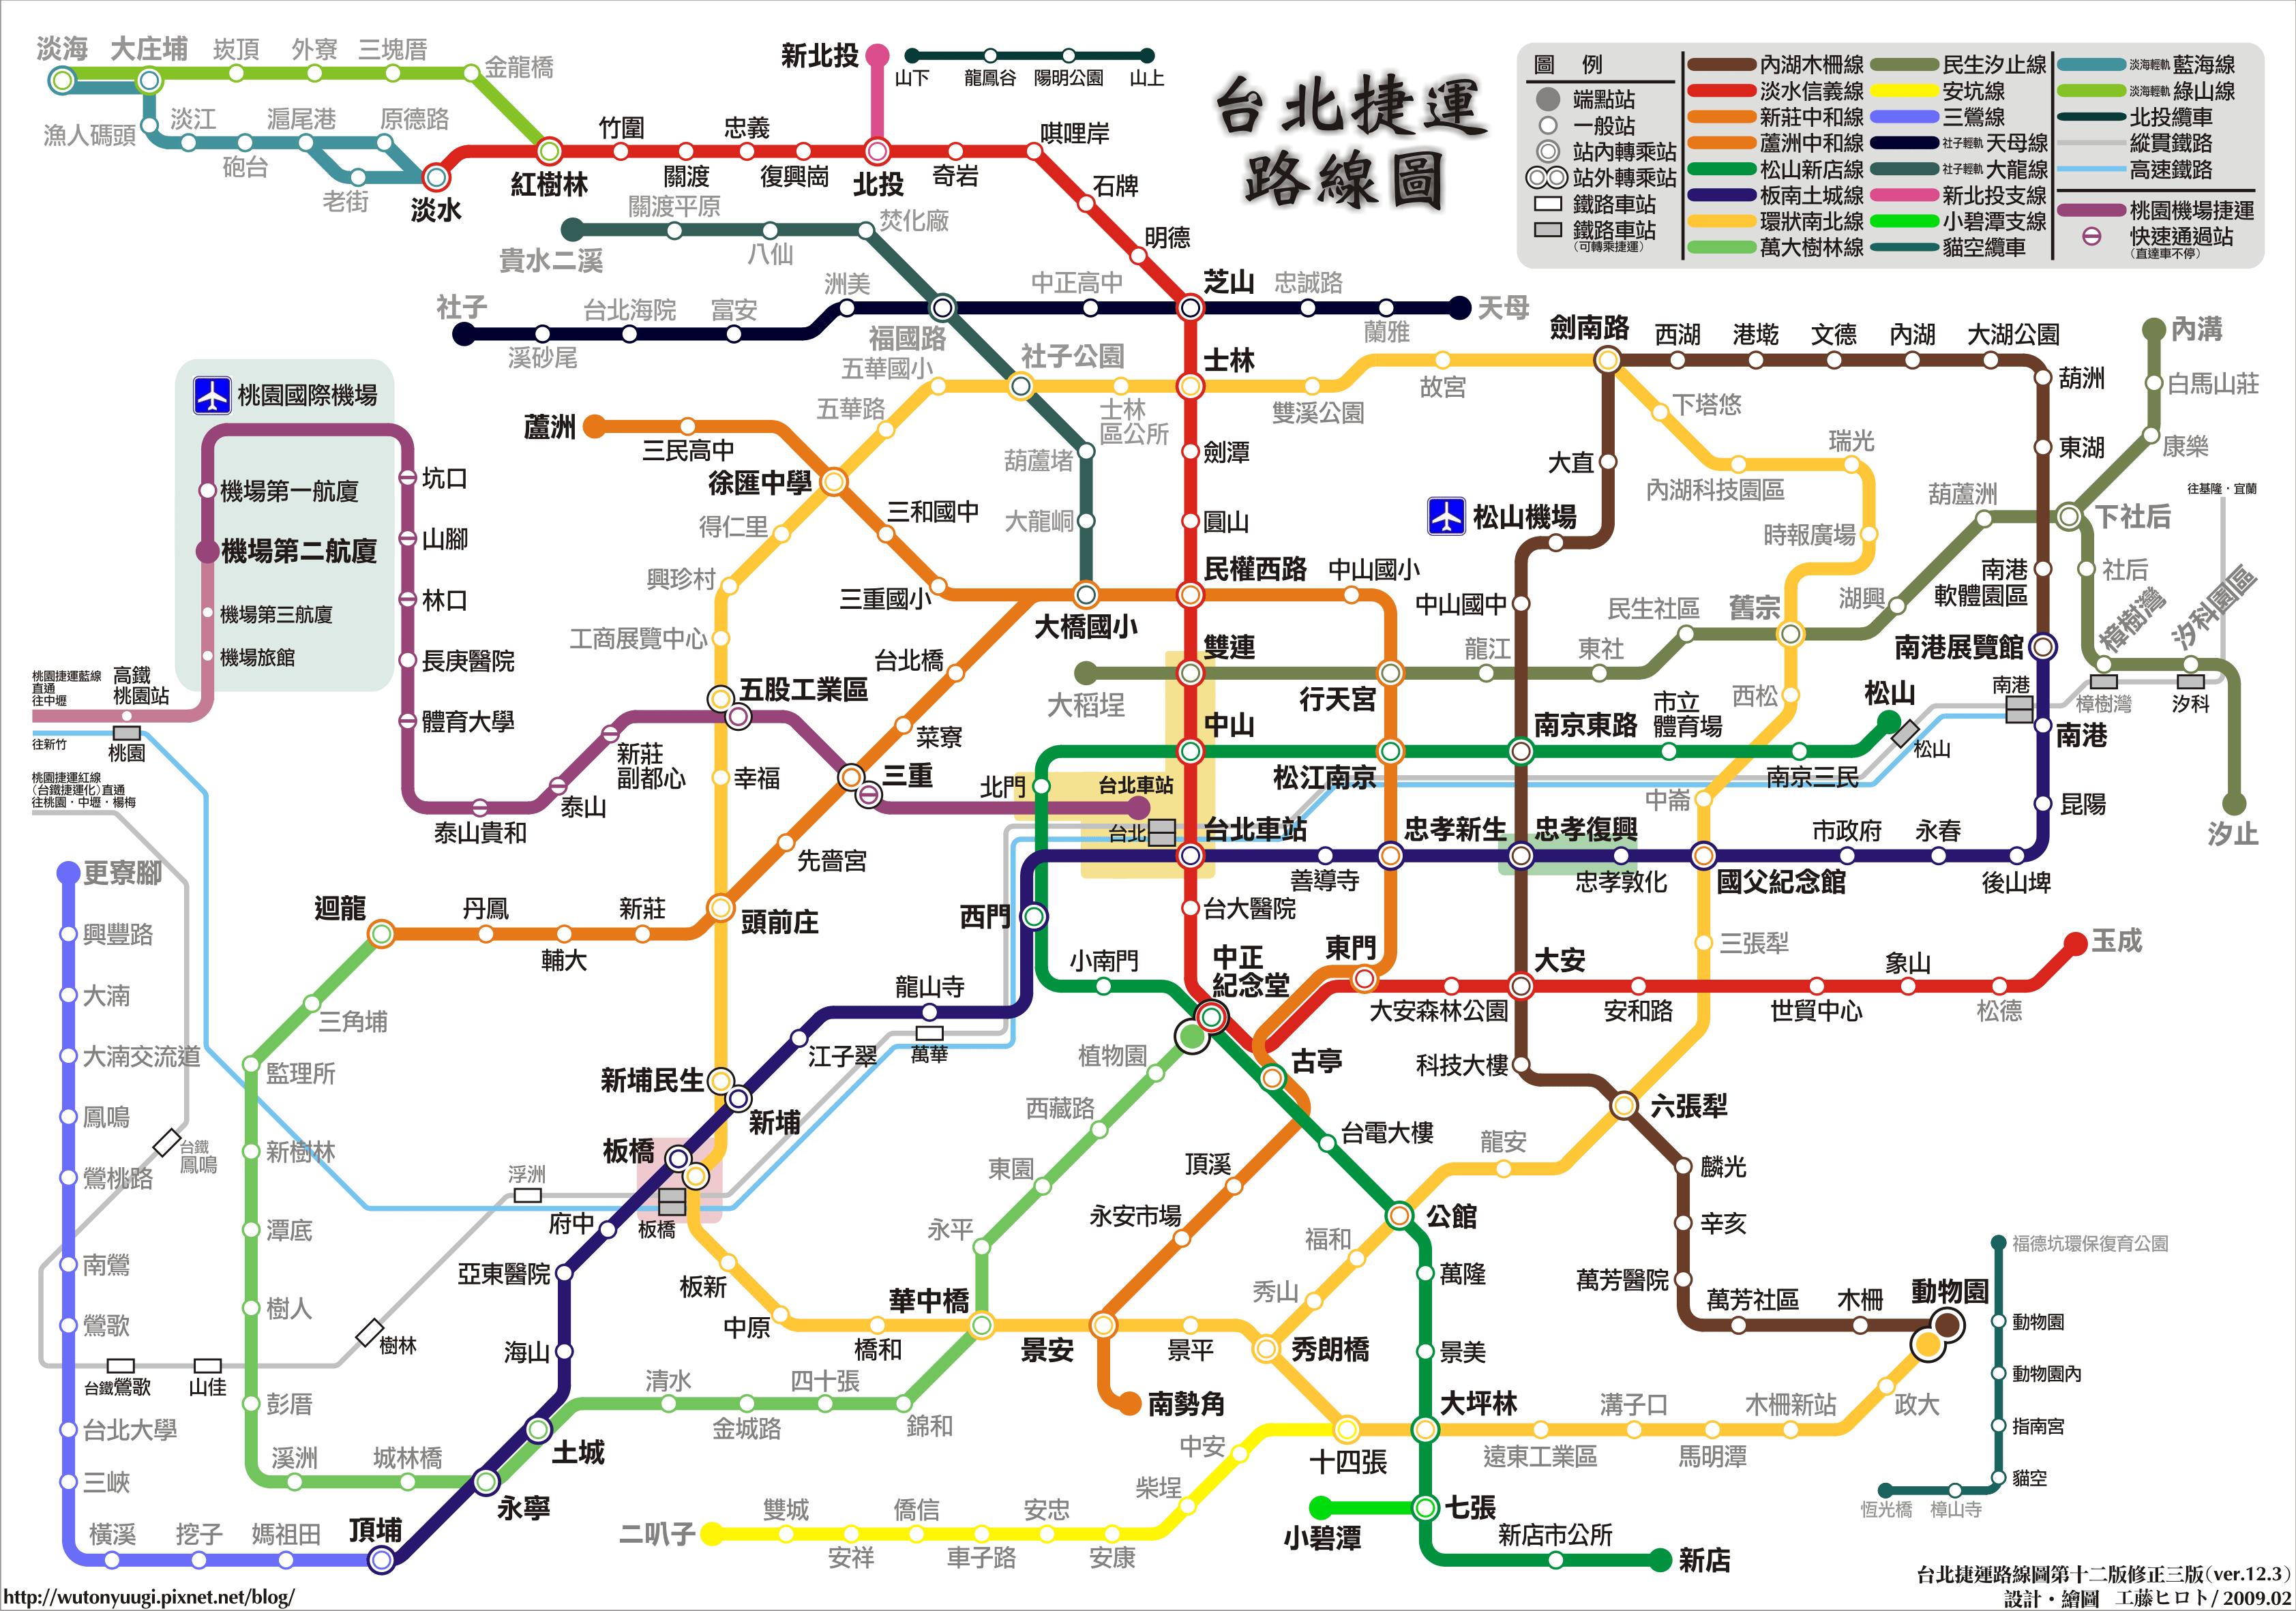 臺北捷運路線圖 (Taipei MRT Route Map) | 逍遙文工作室